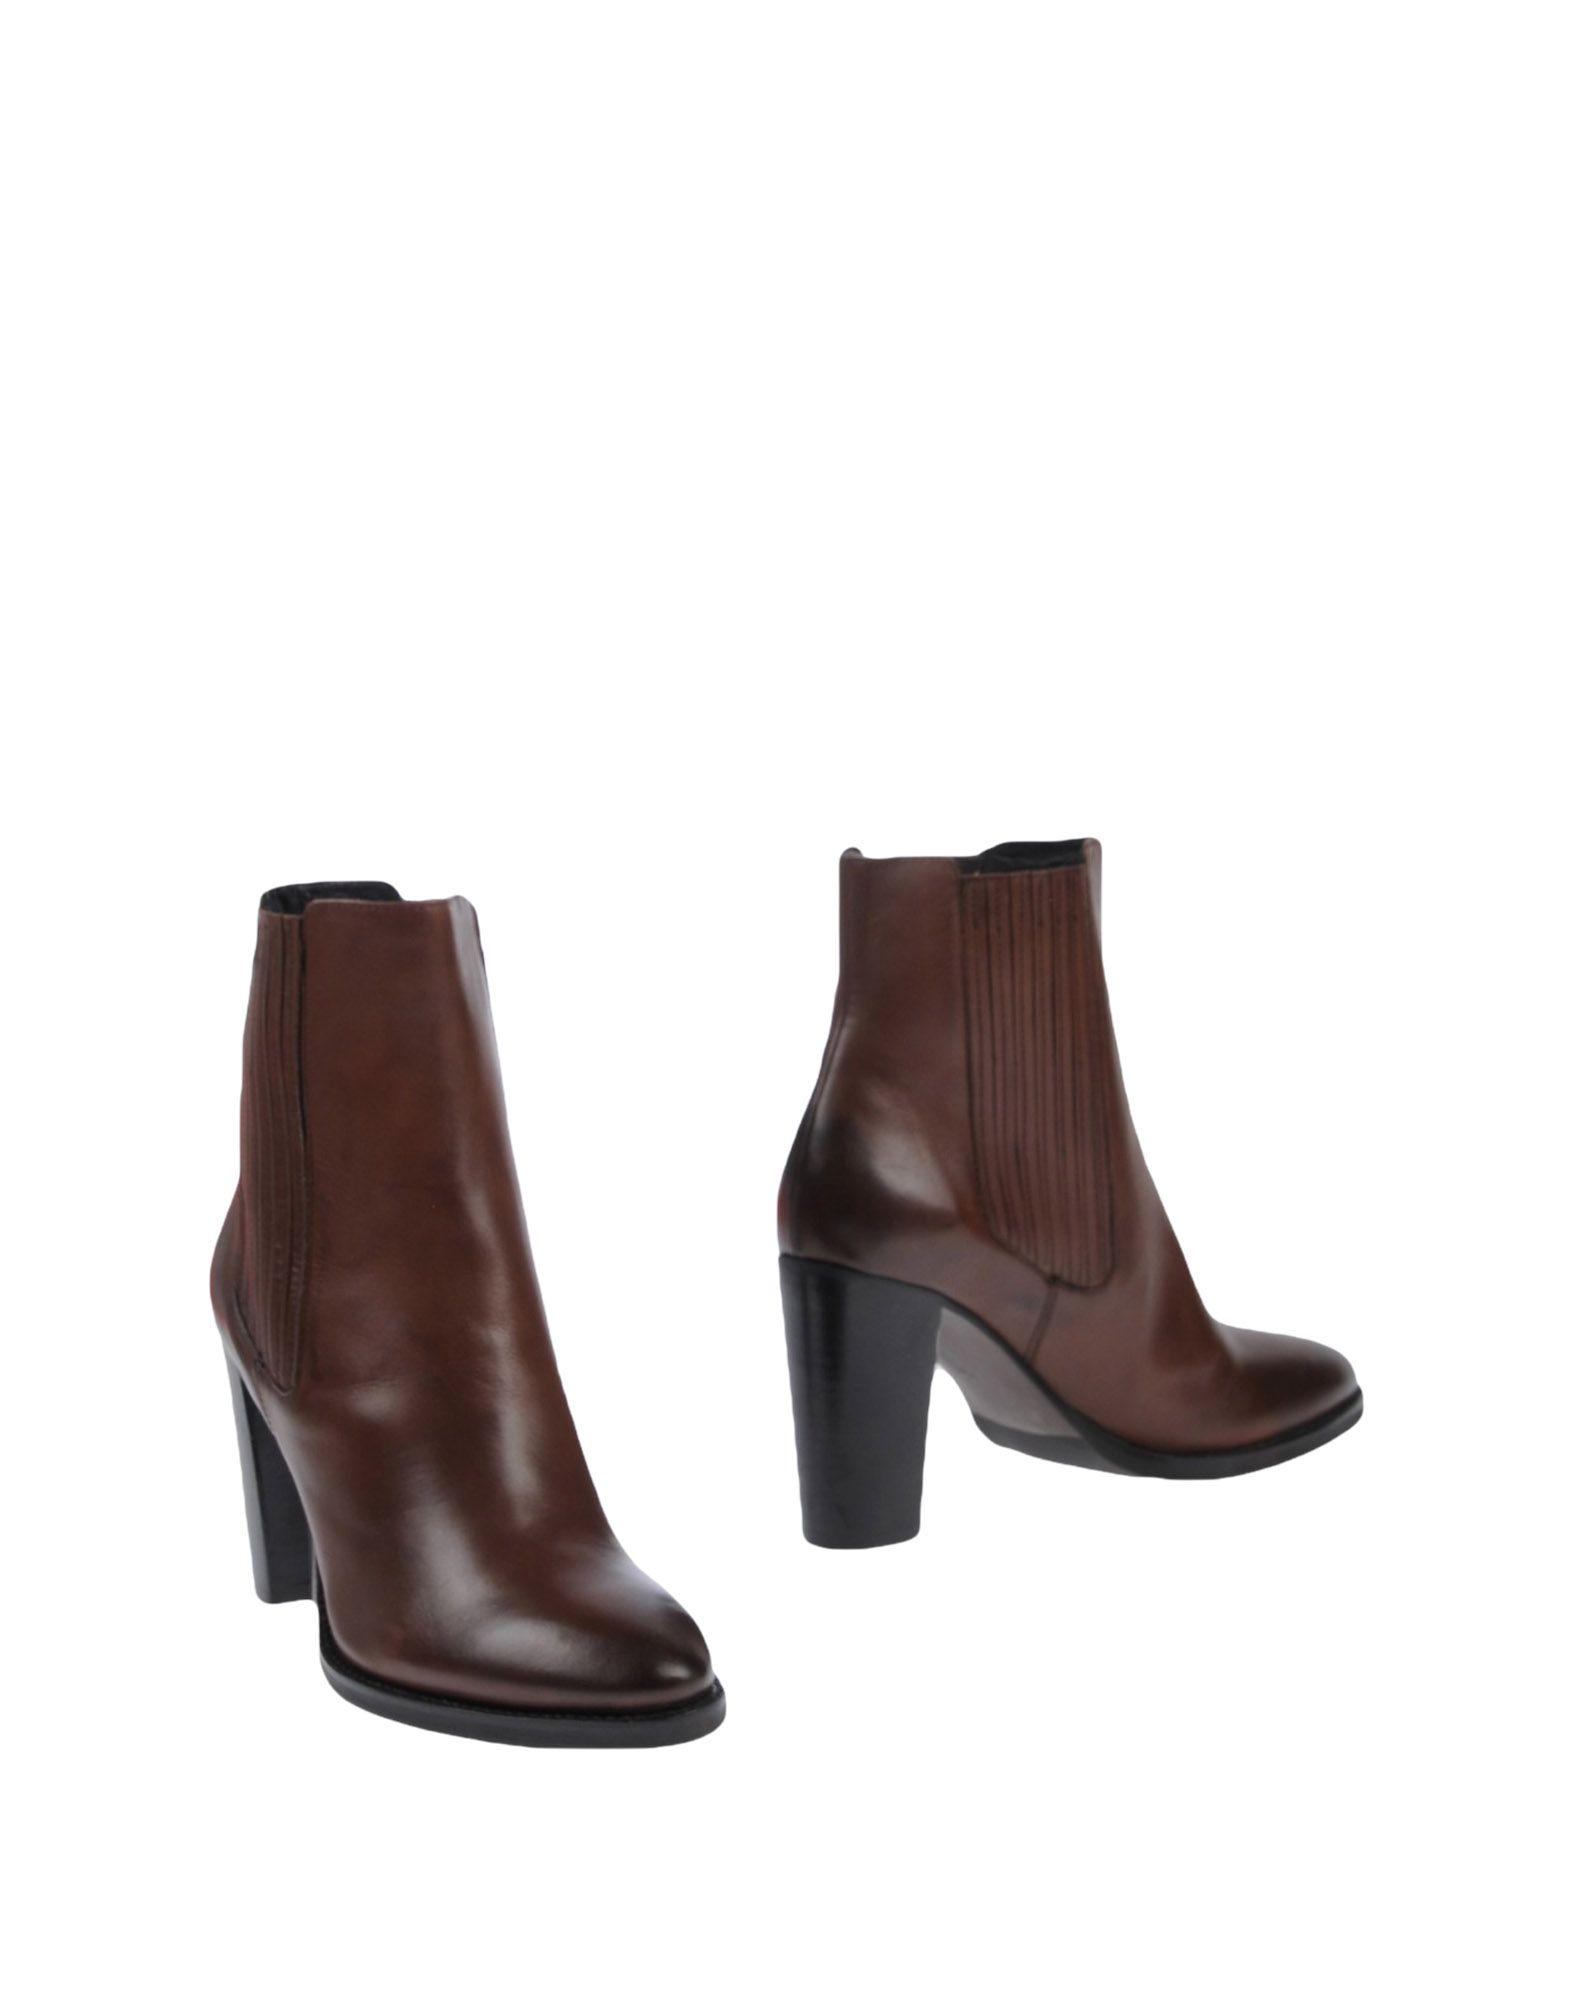 Etwob Stiefelette Damen  11506058EH Schuhe Gute Qualität beliebte Schuhe 11506058EH 7d1e67